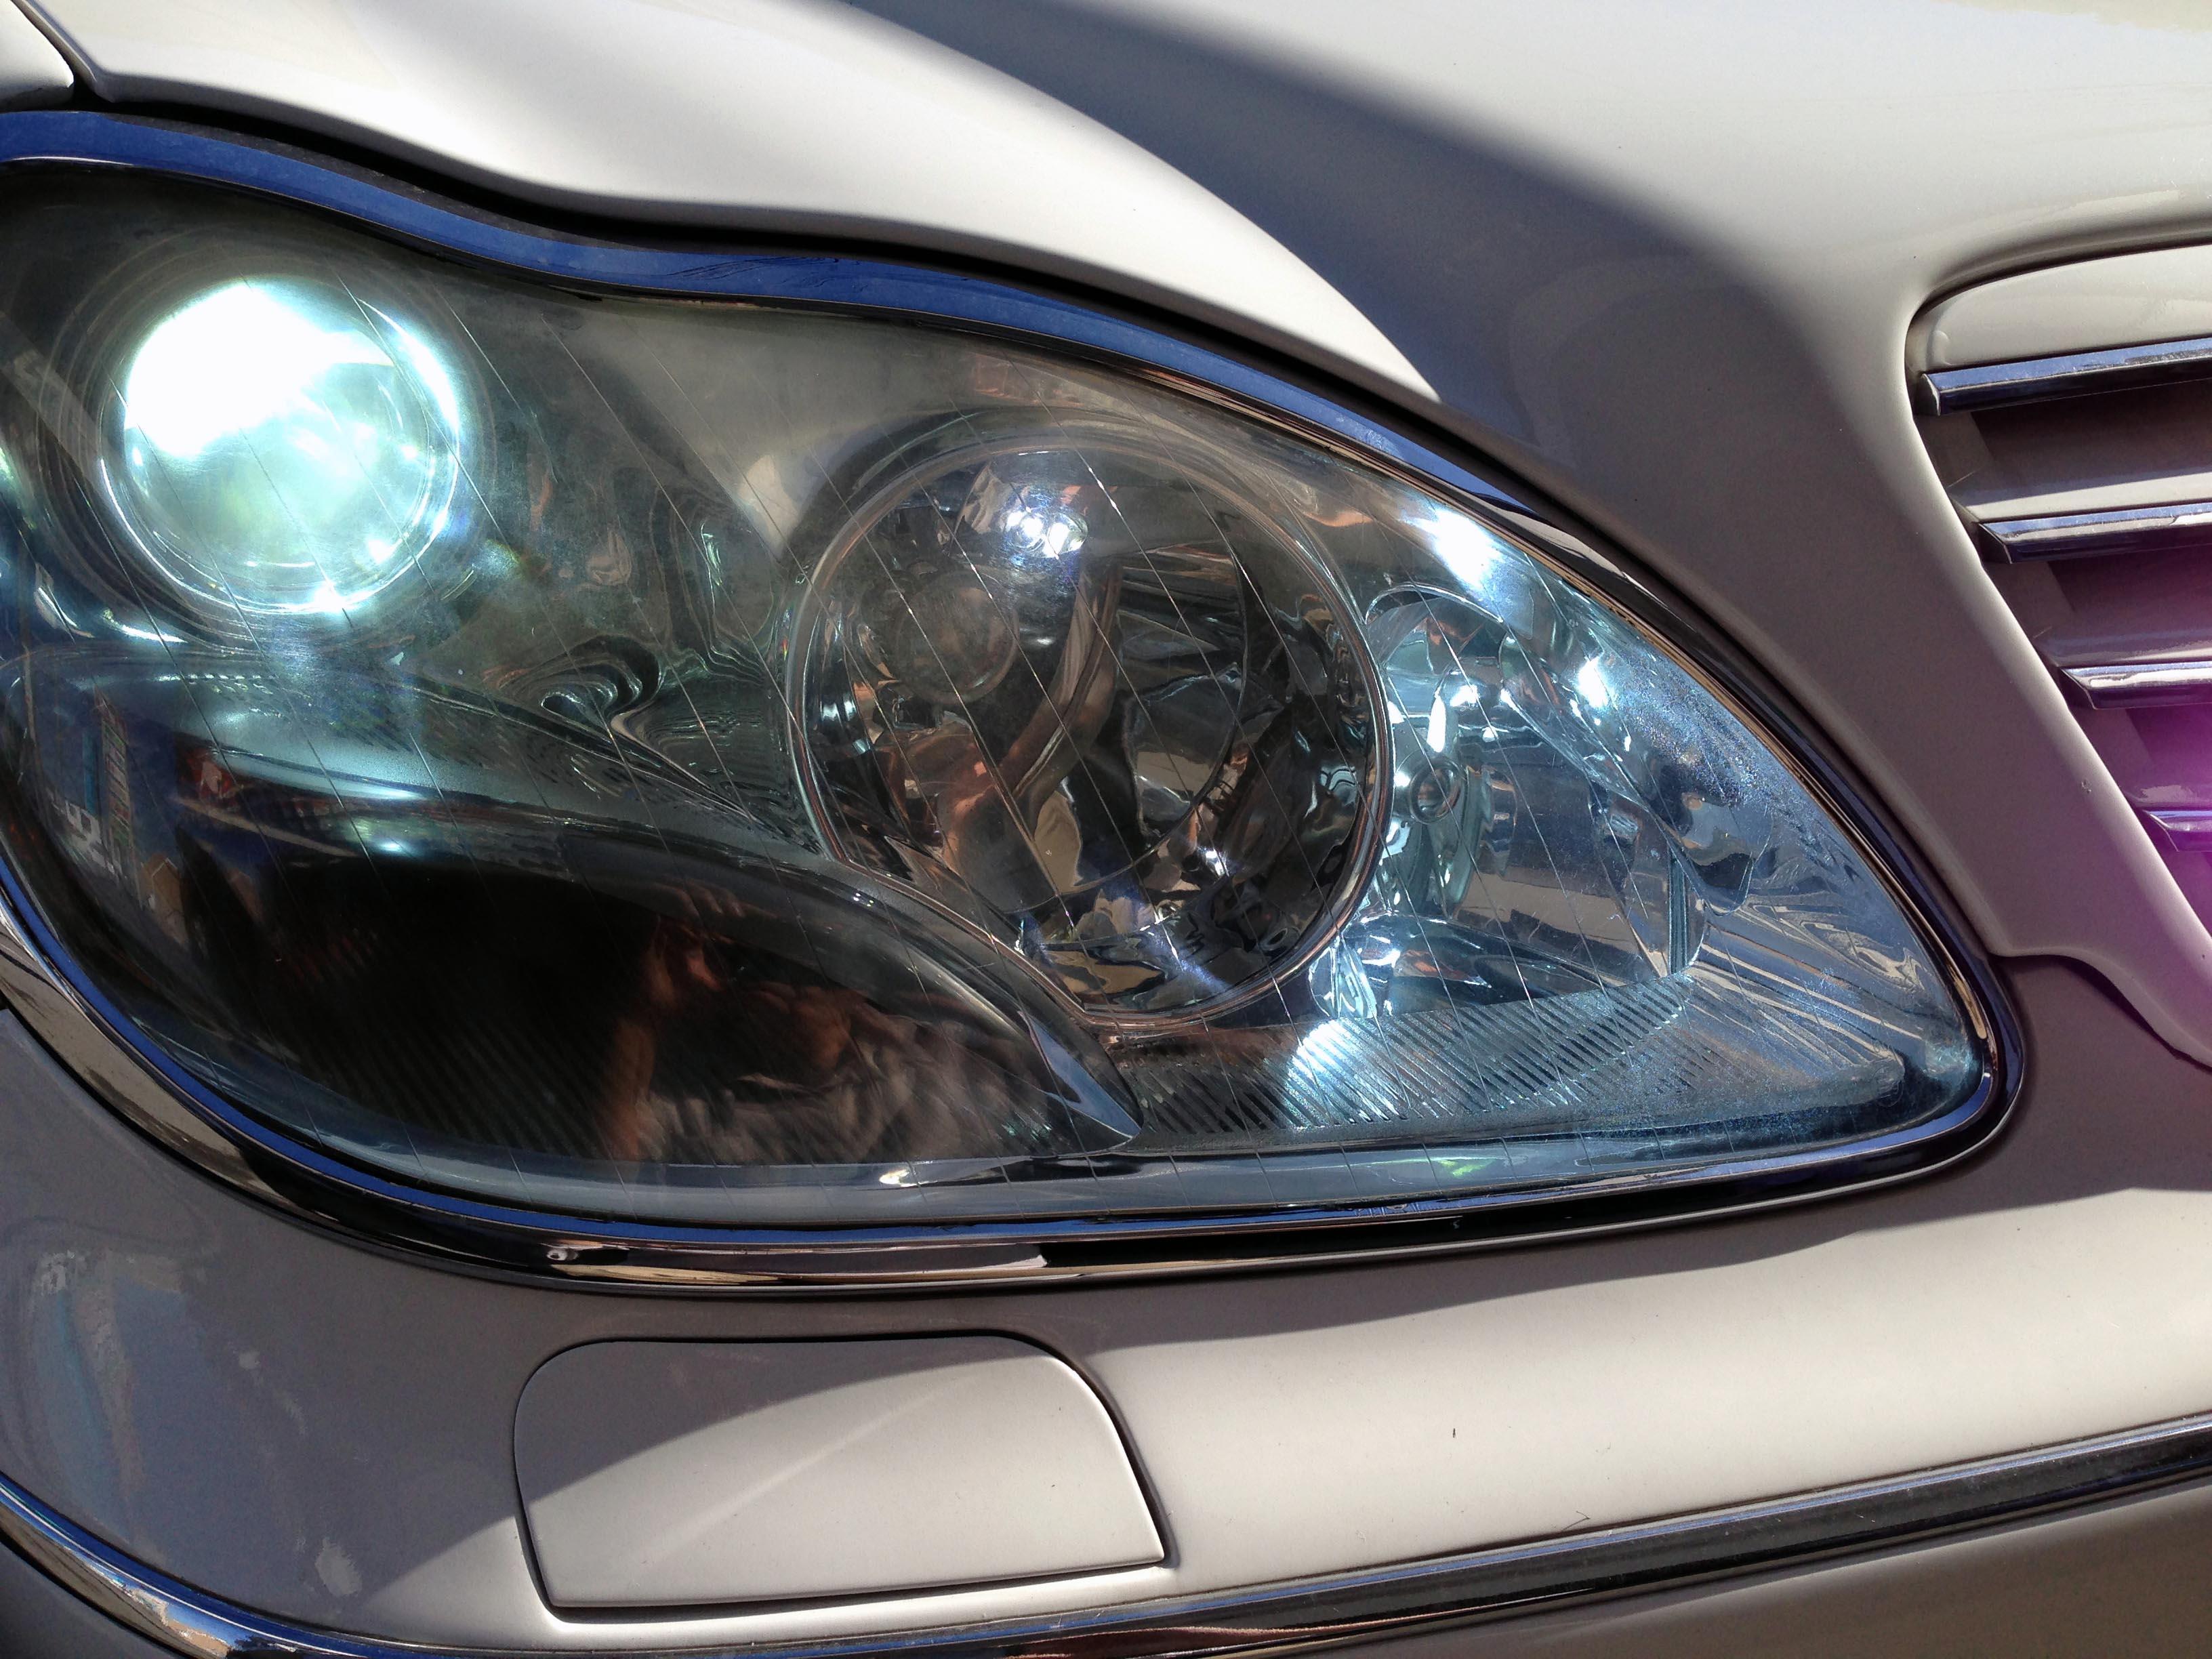 W220のヘッドライト側フォグランプをHID化致しました。